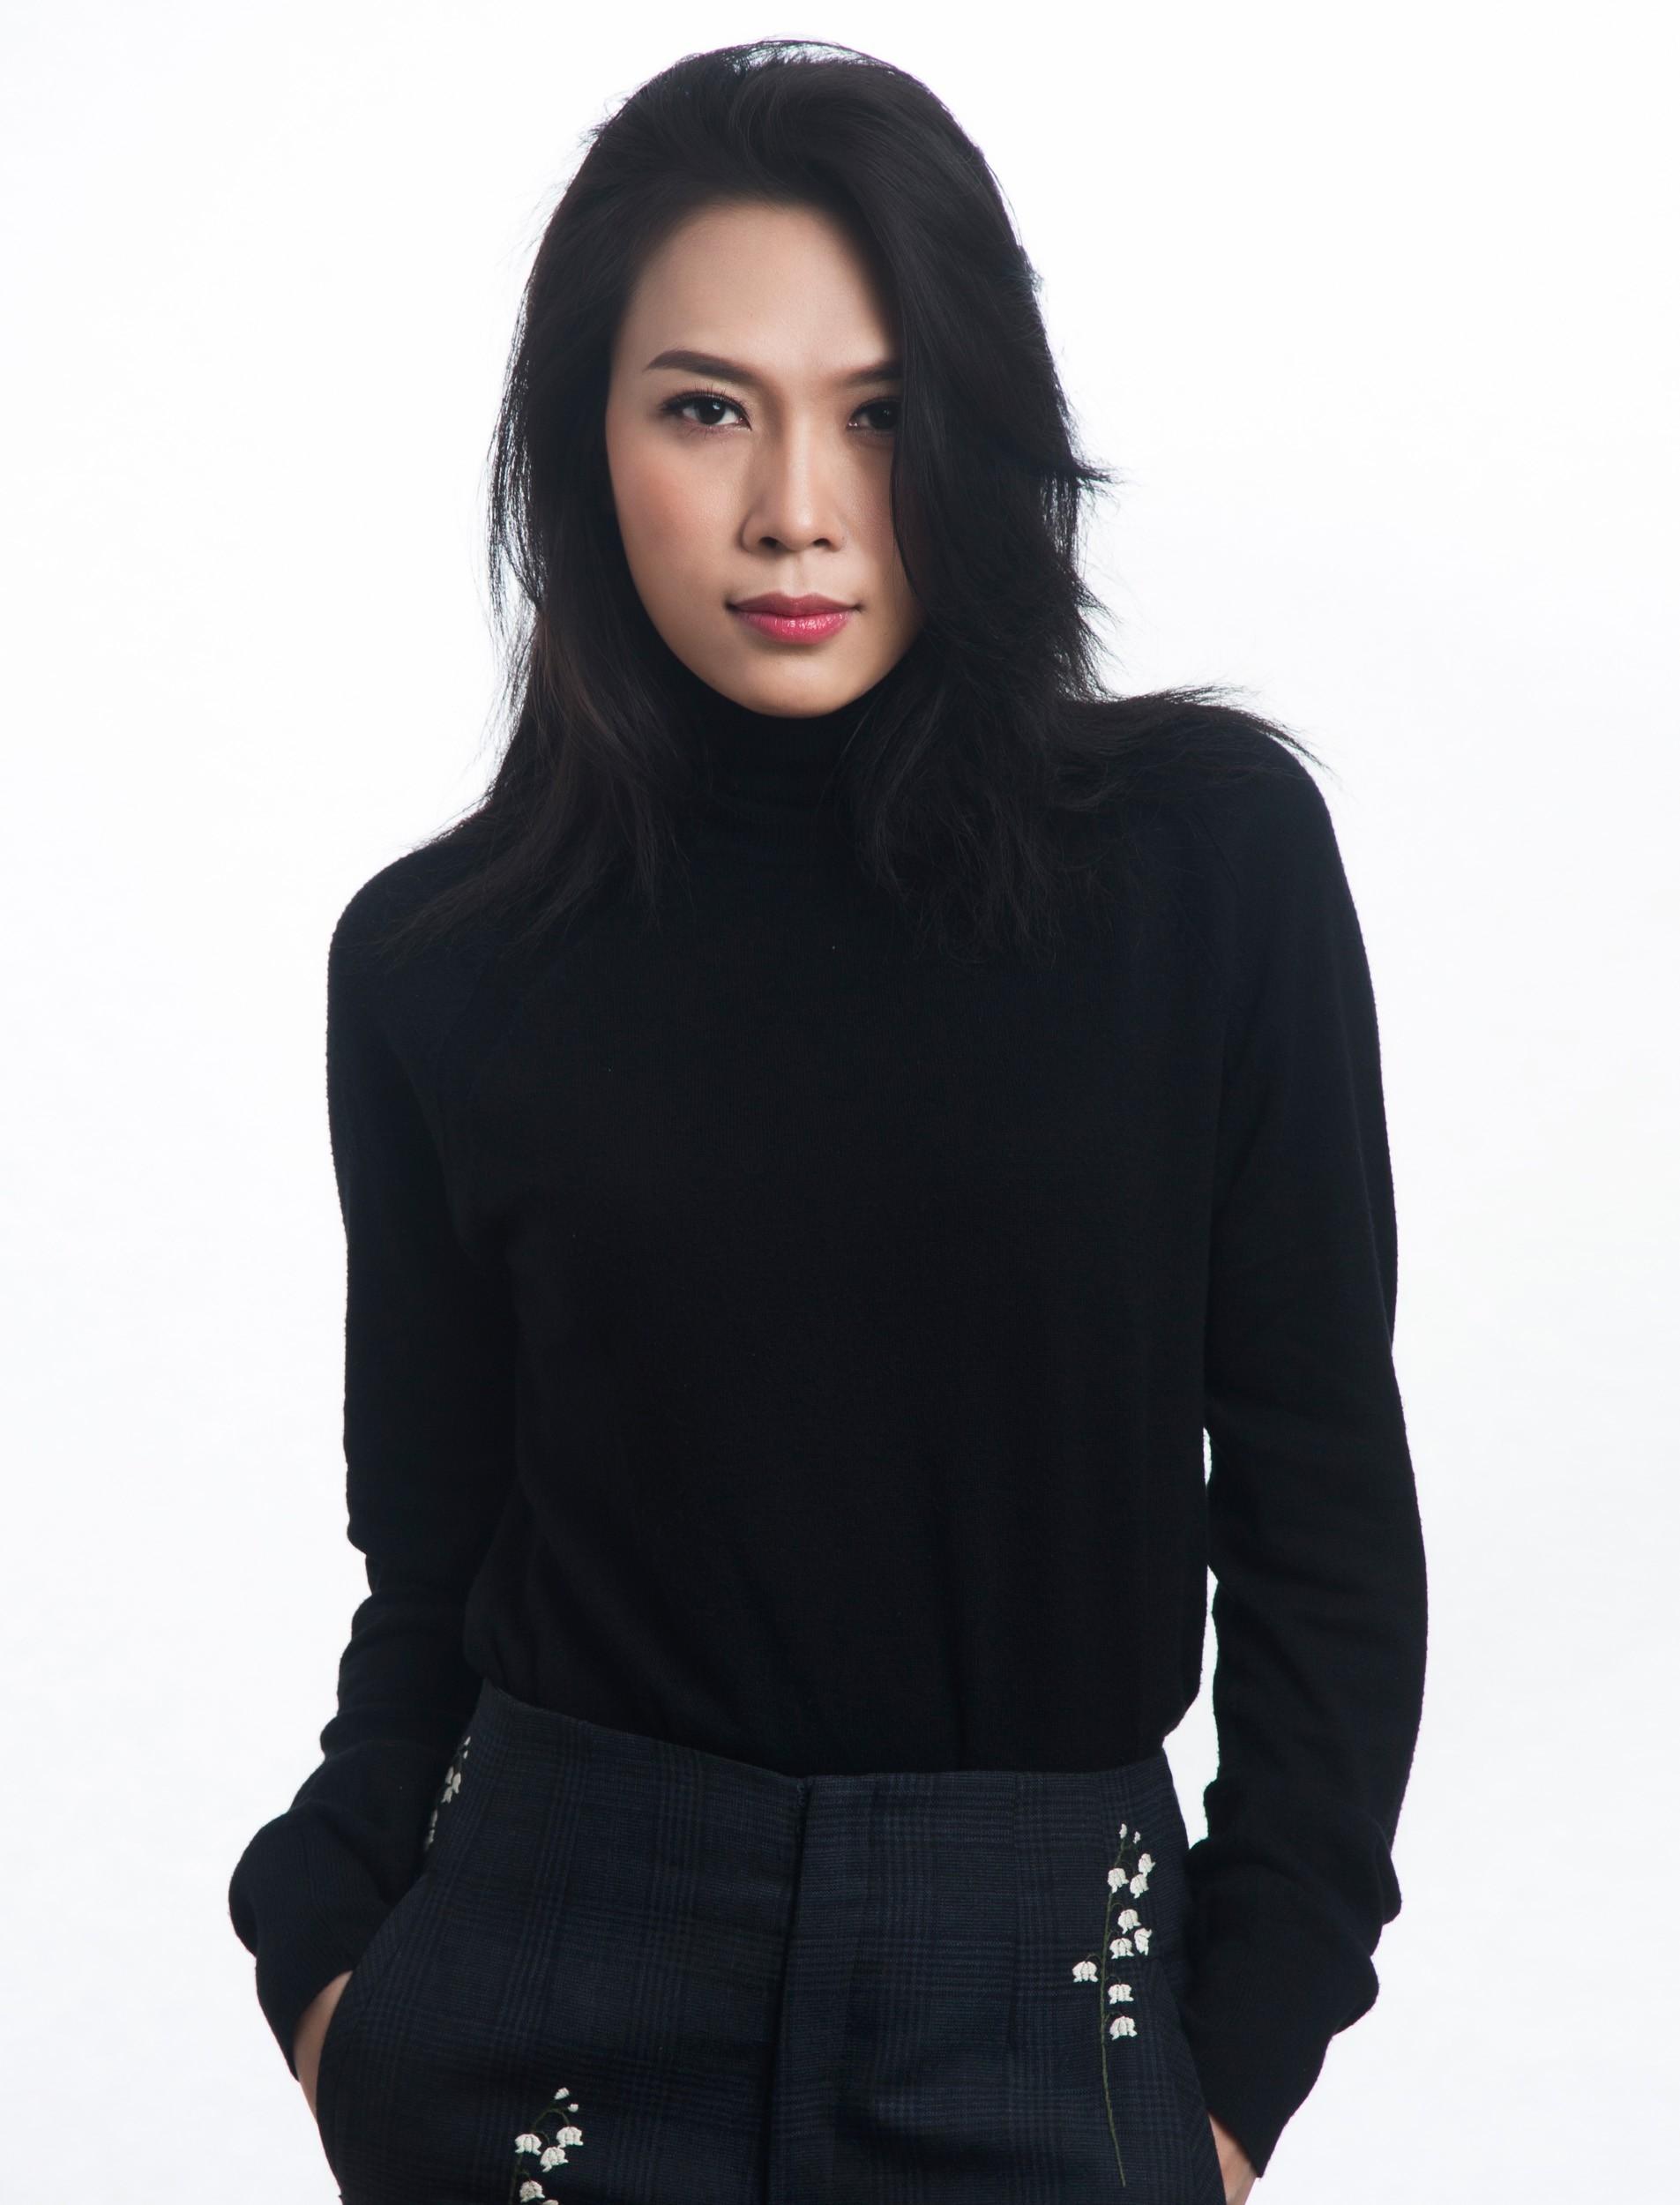 Nhạc Việt 2017: Mỹ Tâm chạy đua quyết liệt với Sơn Tùng M-TP